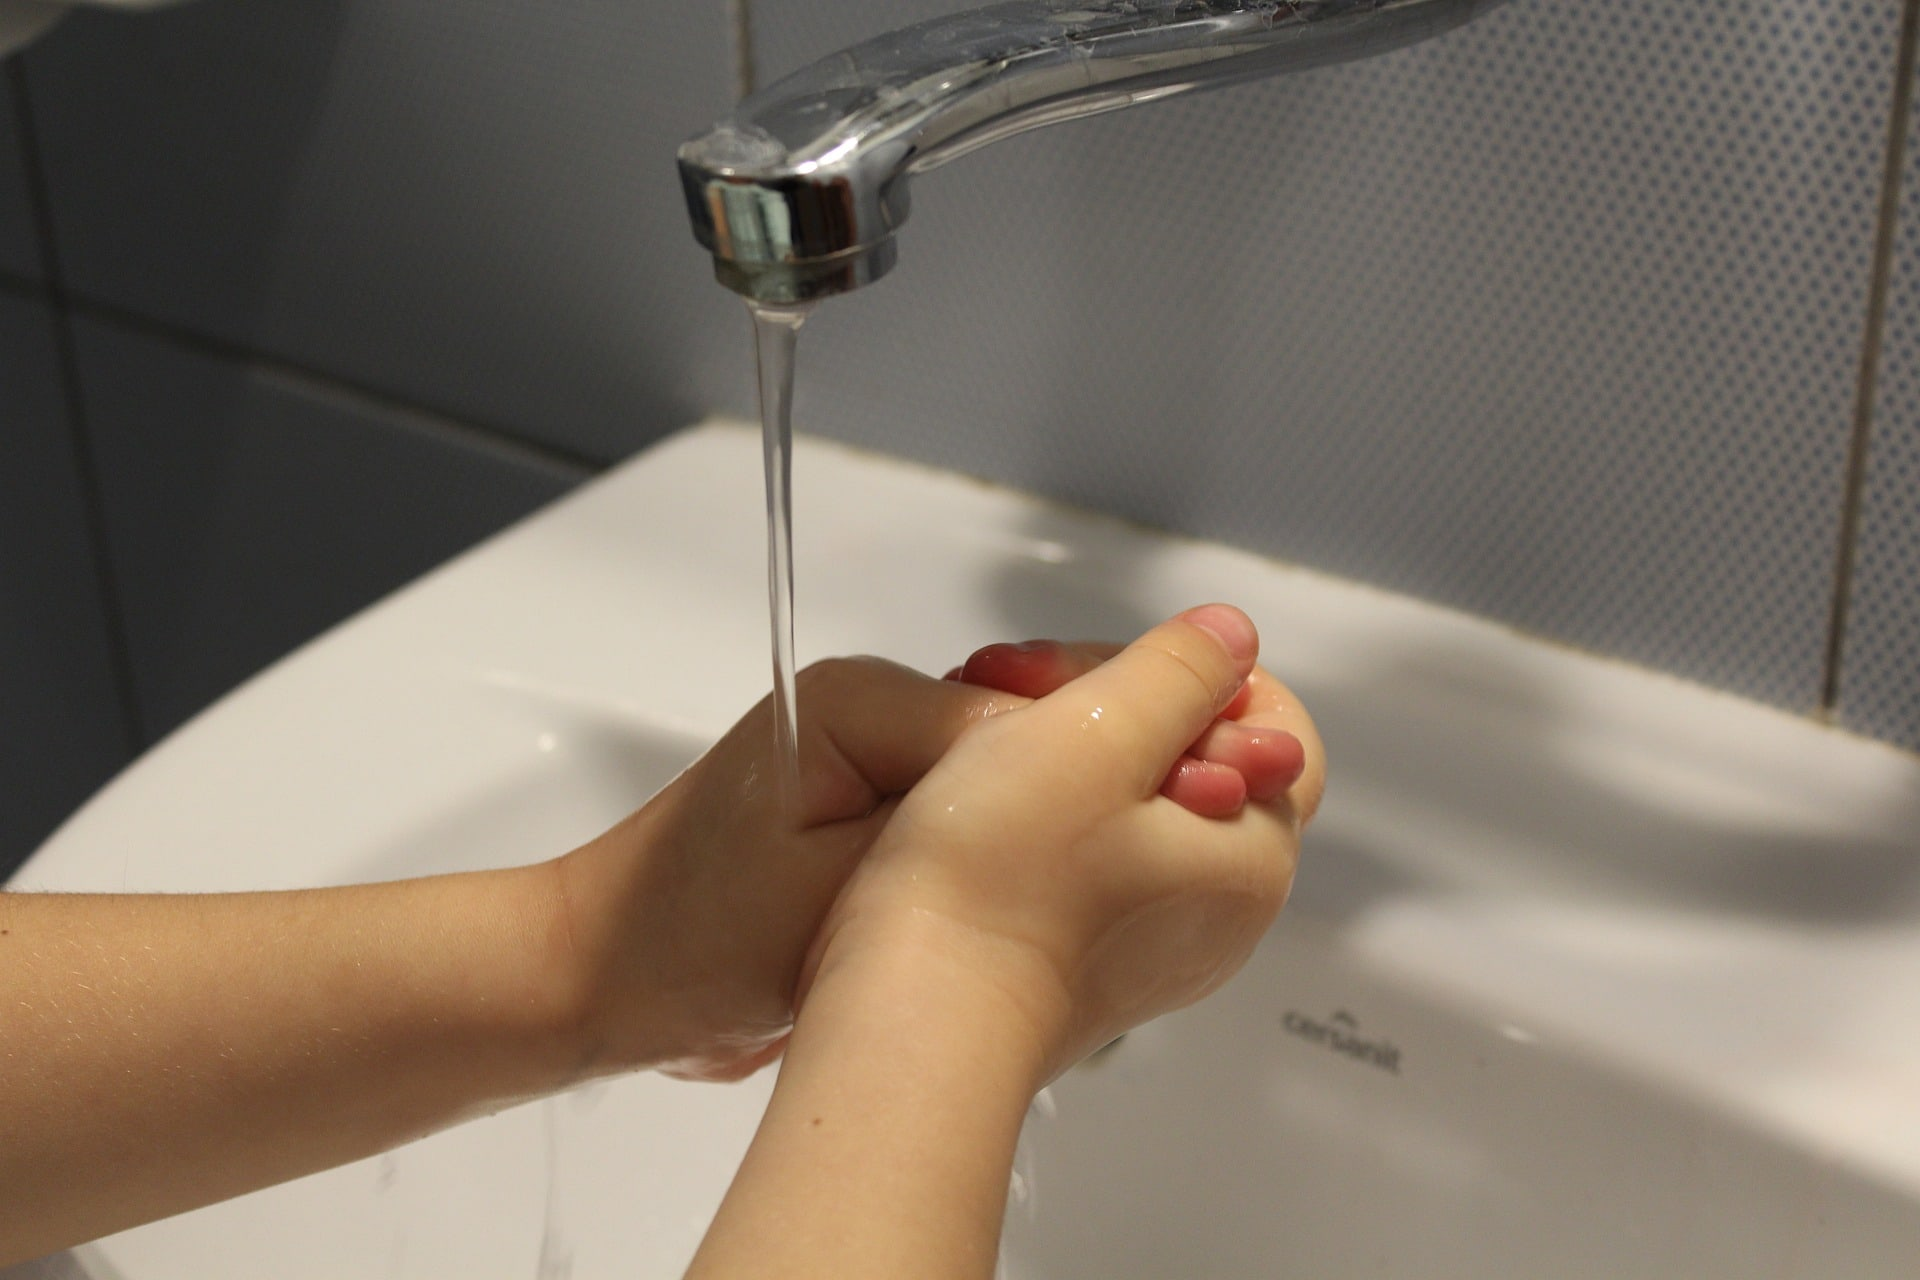 Rewag erhöht Trinkwasserpreise Preissteigerung zum 1. September 2020